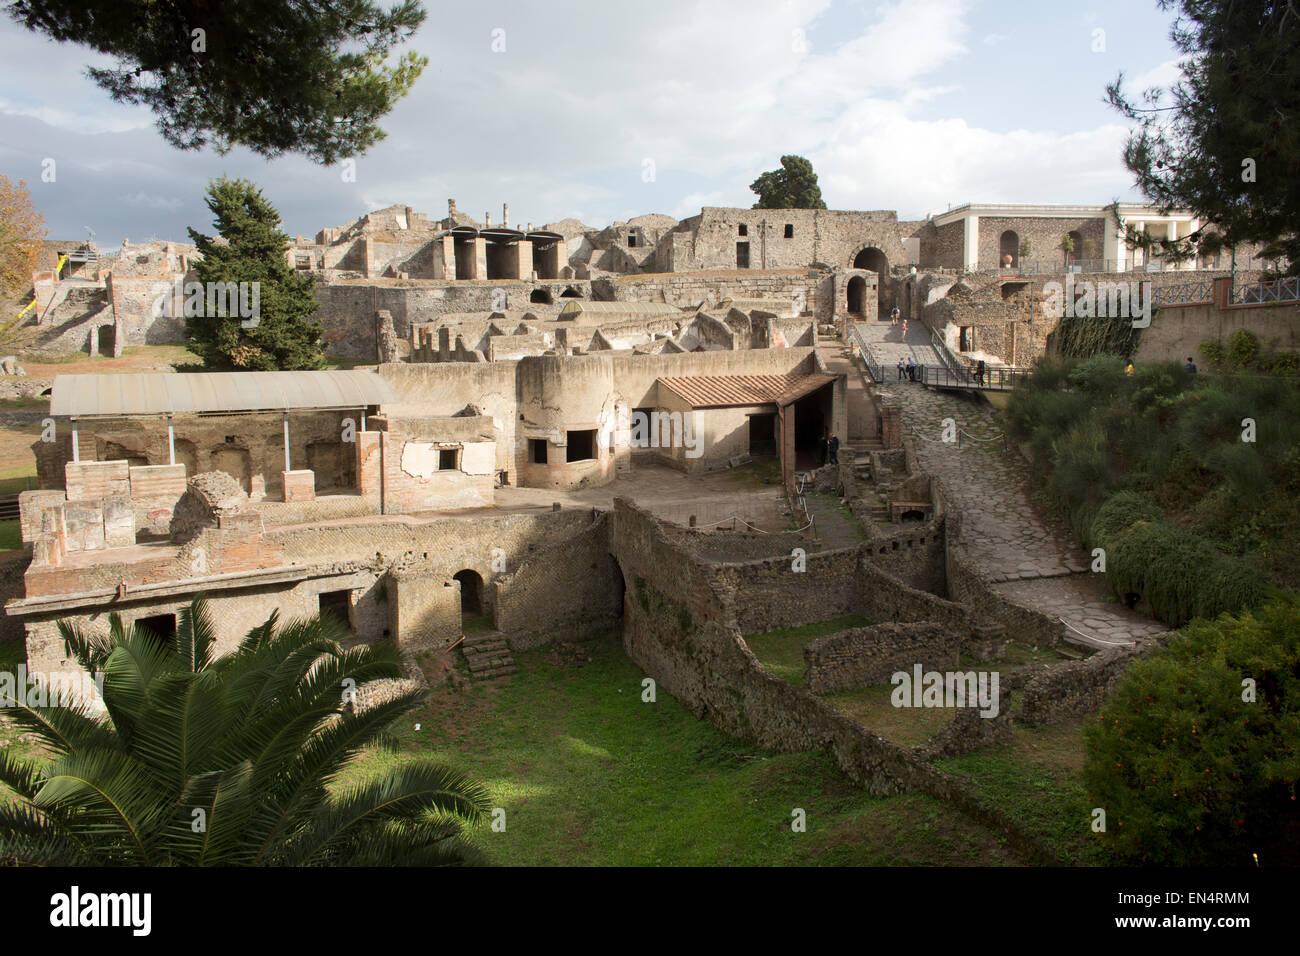 Il y a presque 2 000 ans, la ville de Pompéi fut détruite par une éruption du Vésuve. 20 000 Photo Stock